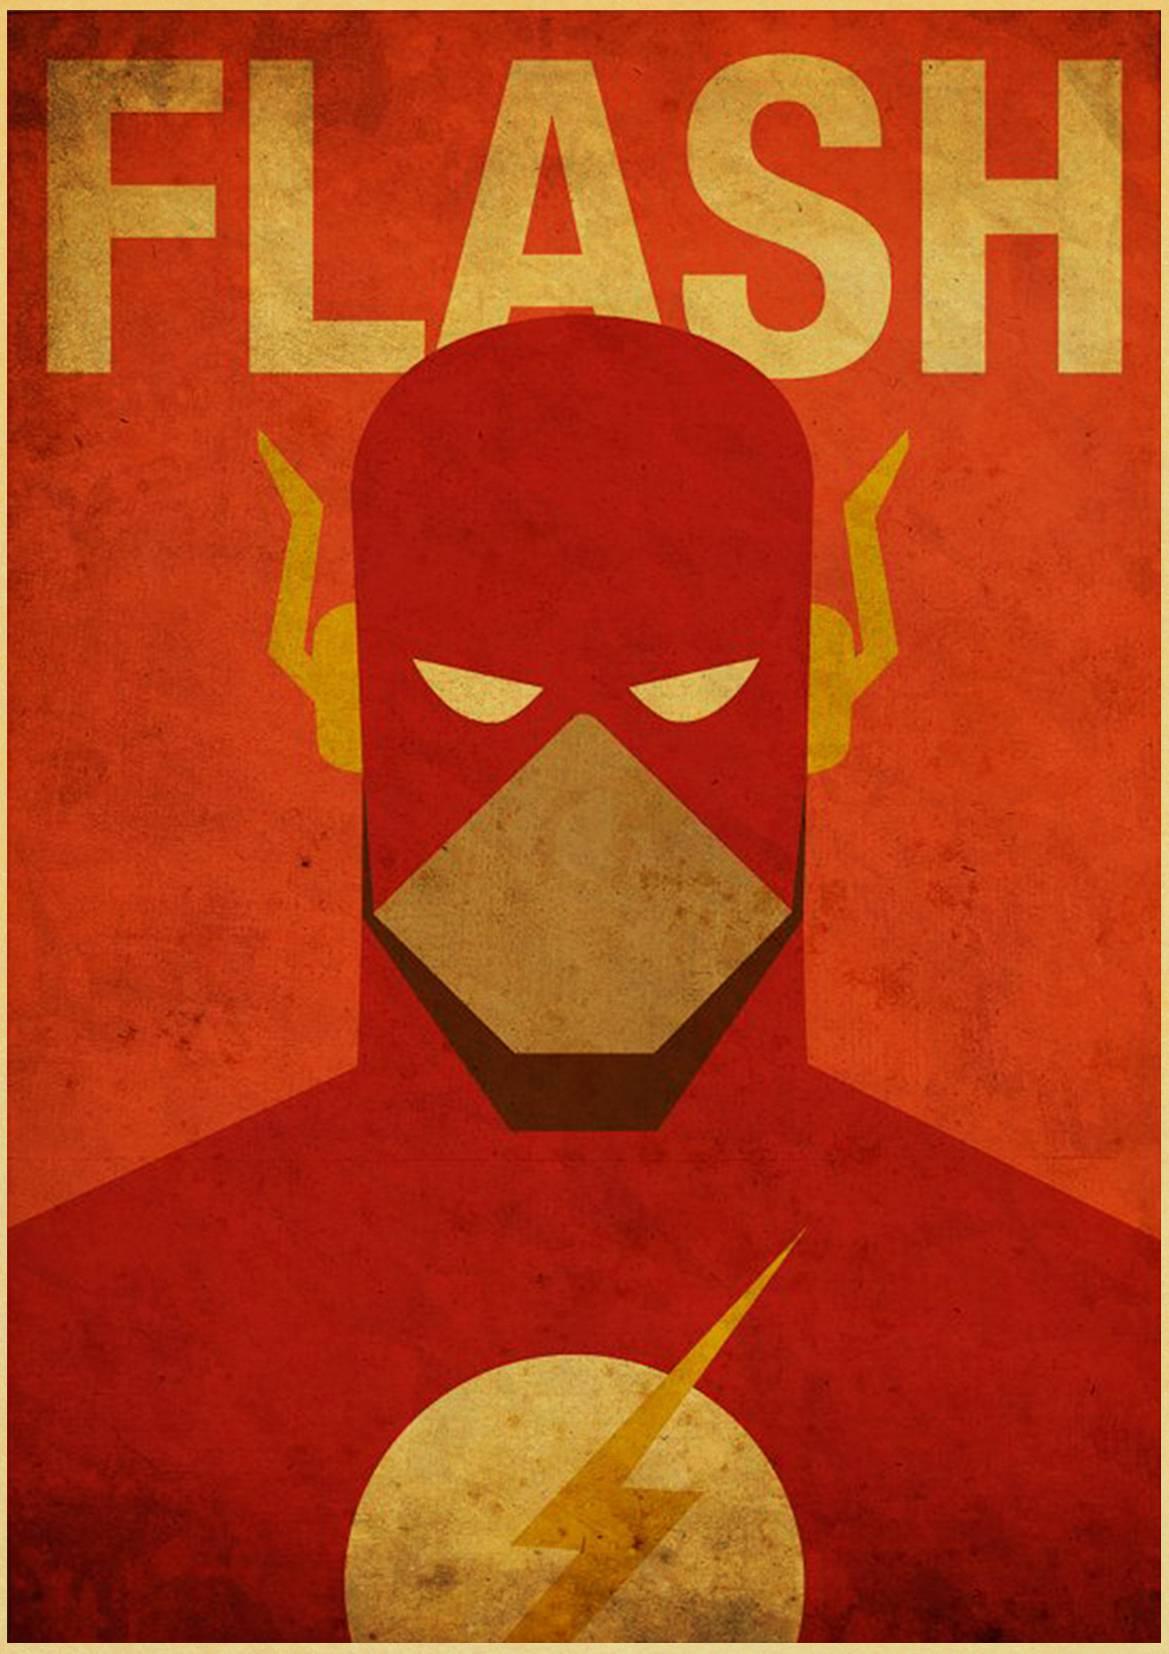 постеры на тему комиксов